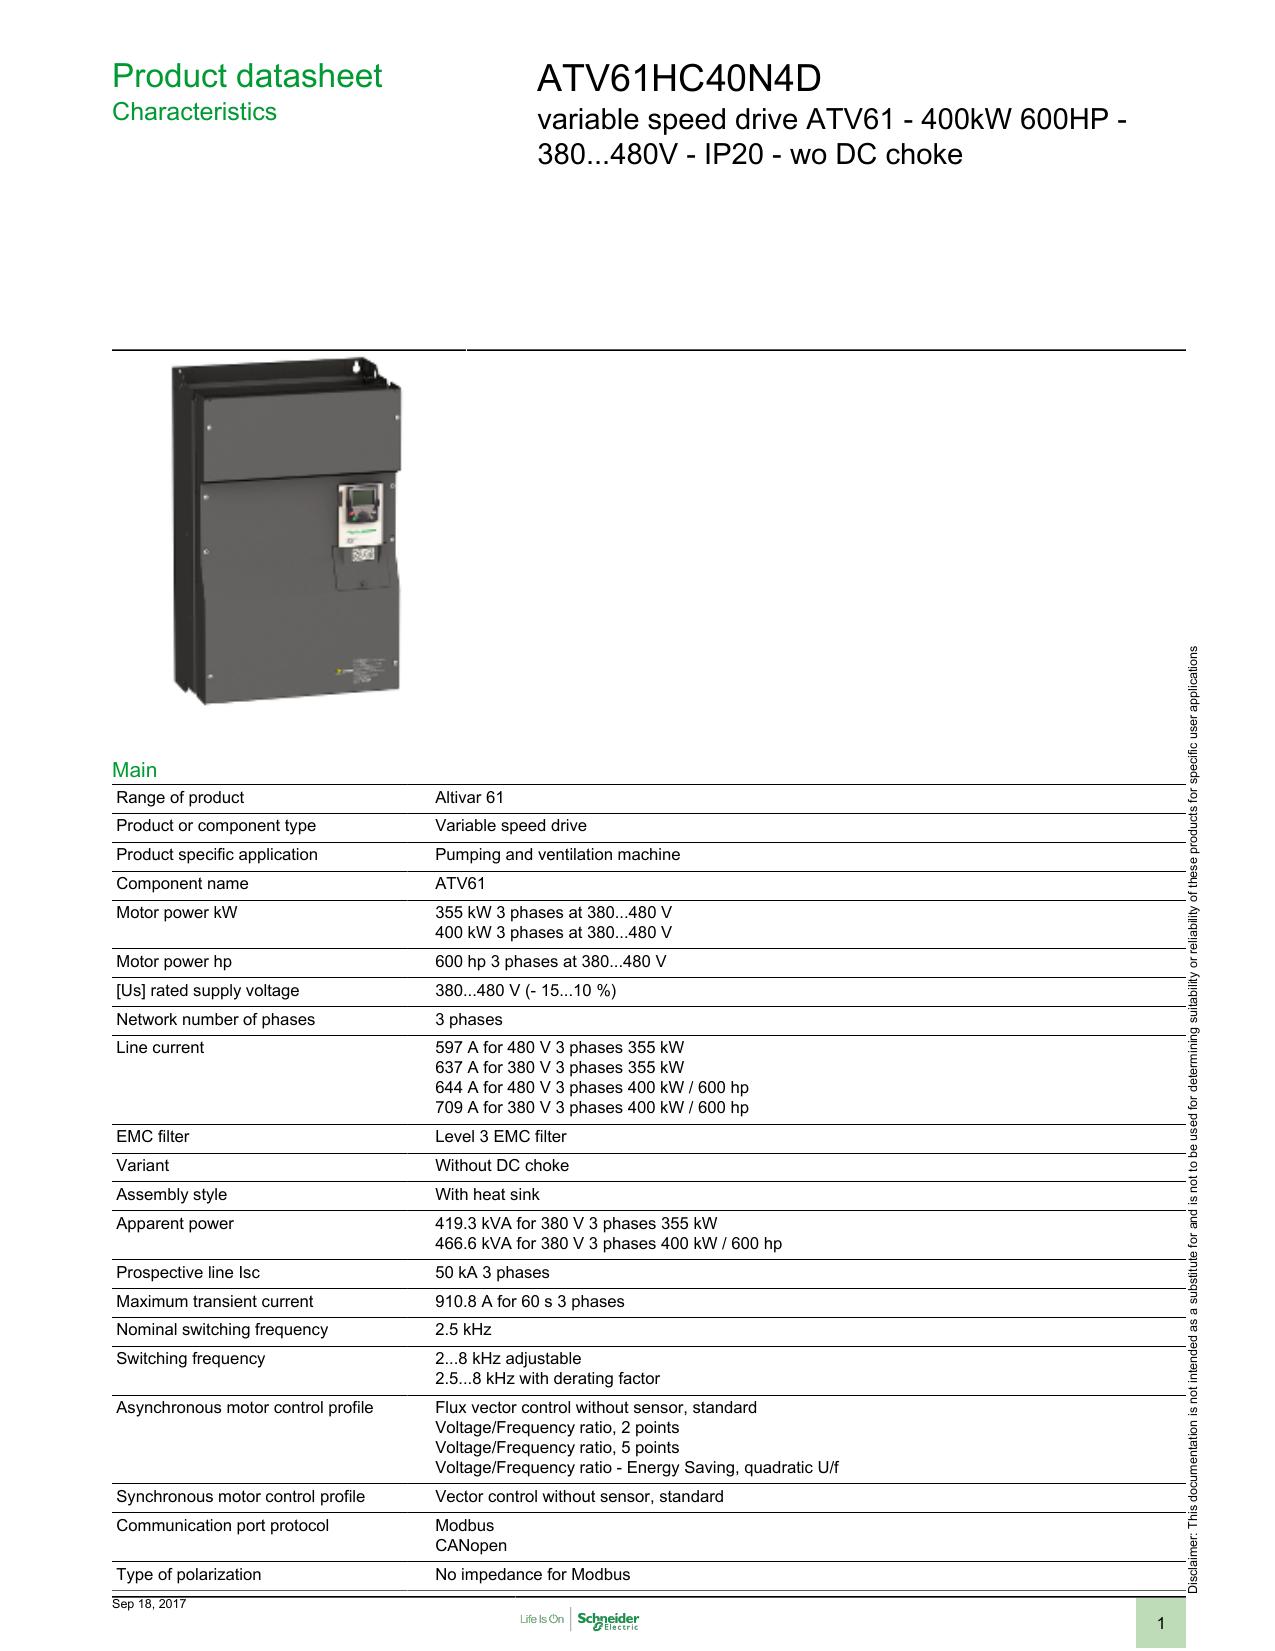 ATV61HC40N4D - Schneider Electric | manualzz com